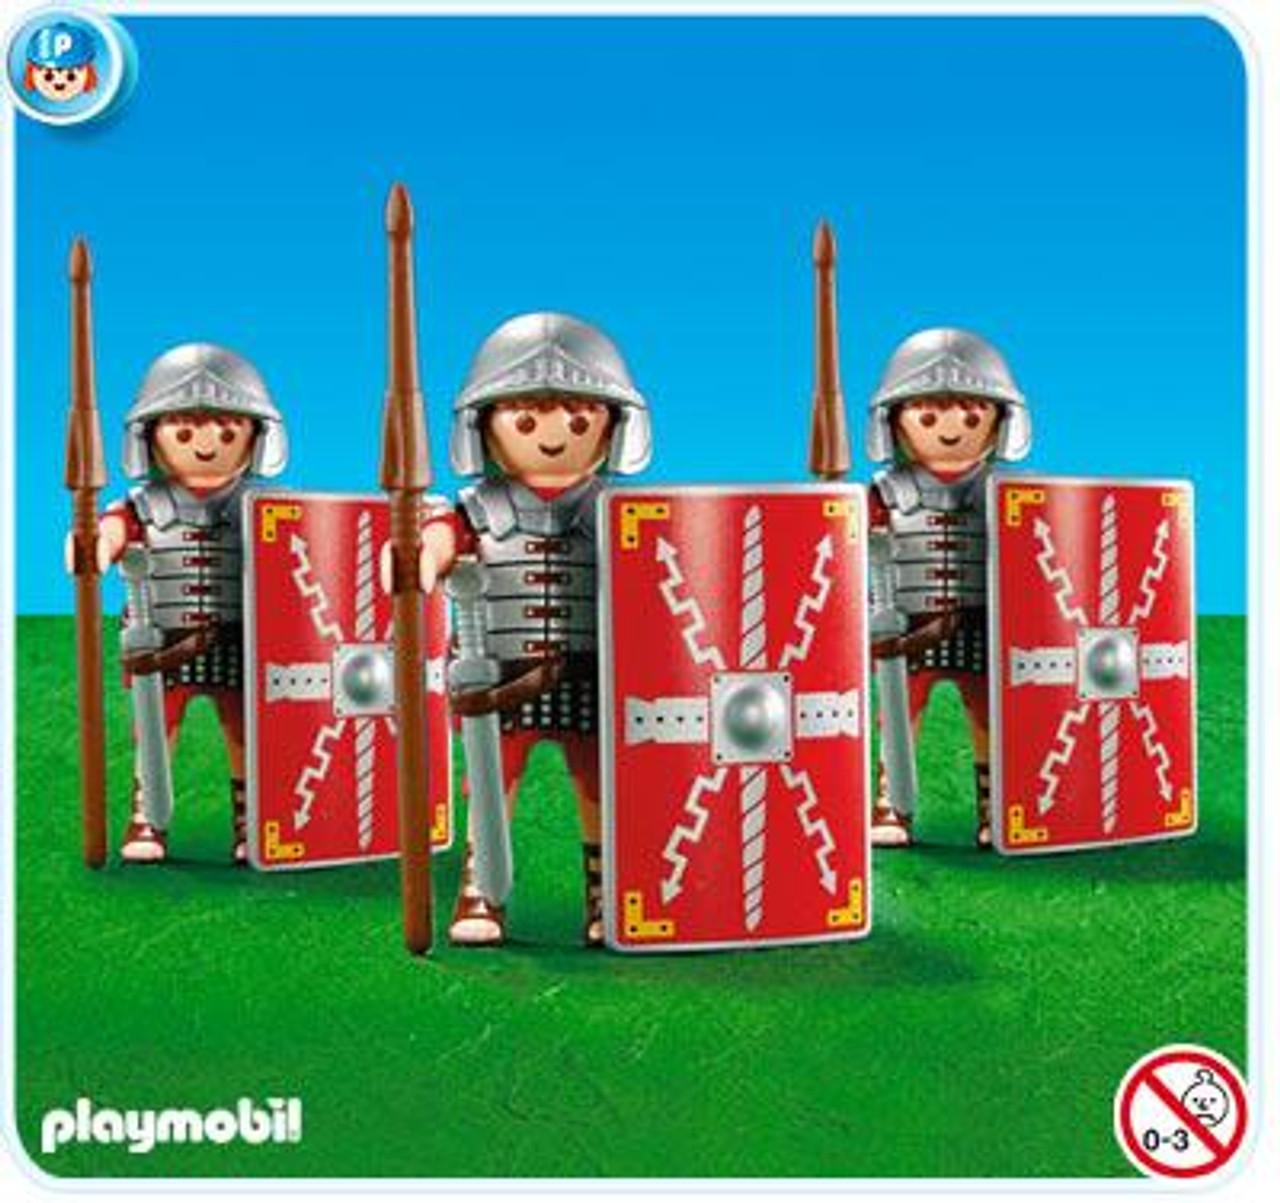 Playmobil Romans & Egyptians 3 Legionnaires Set #7878